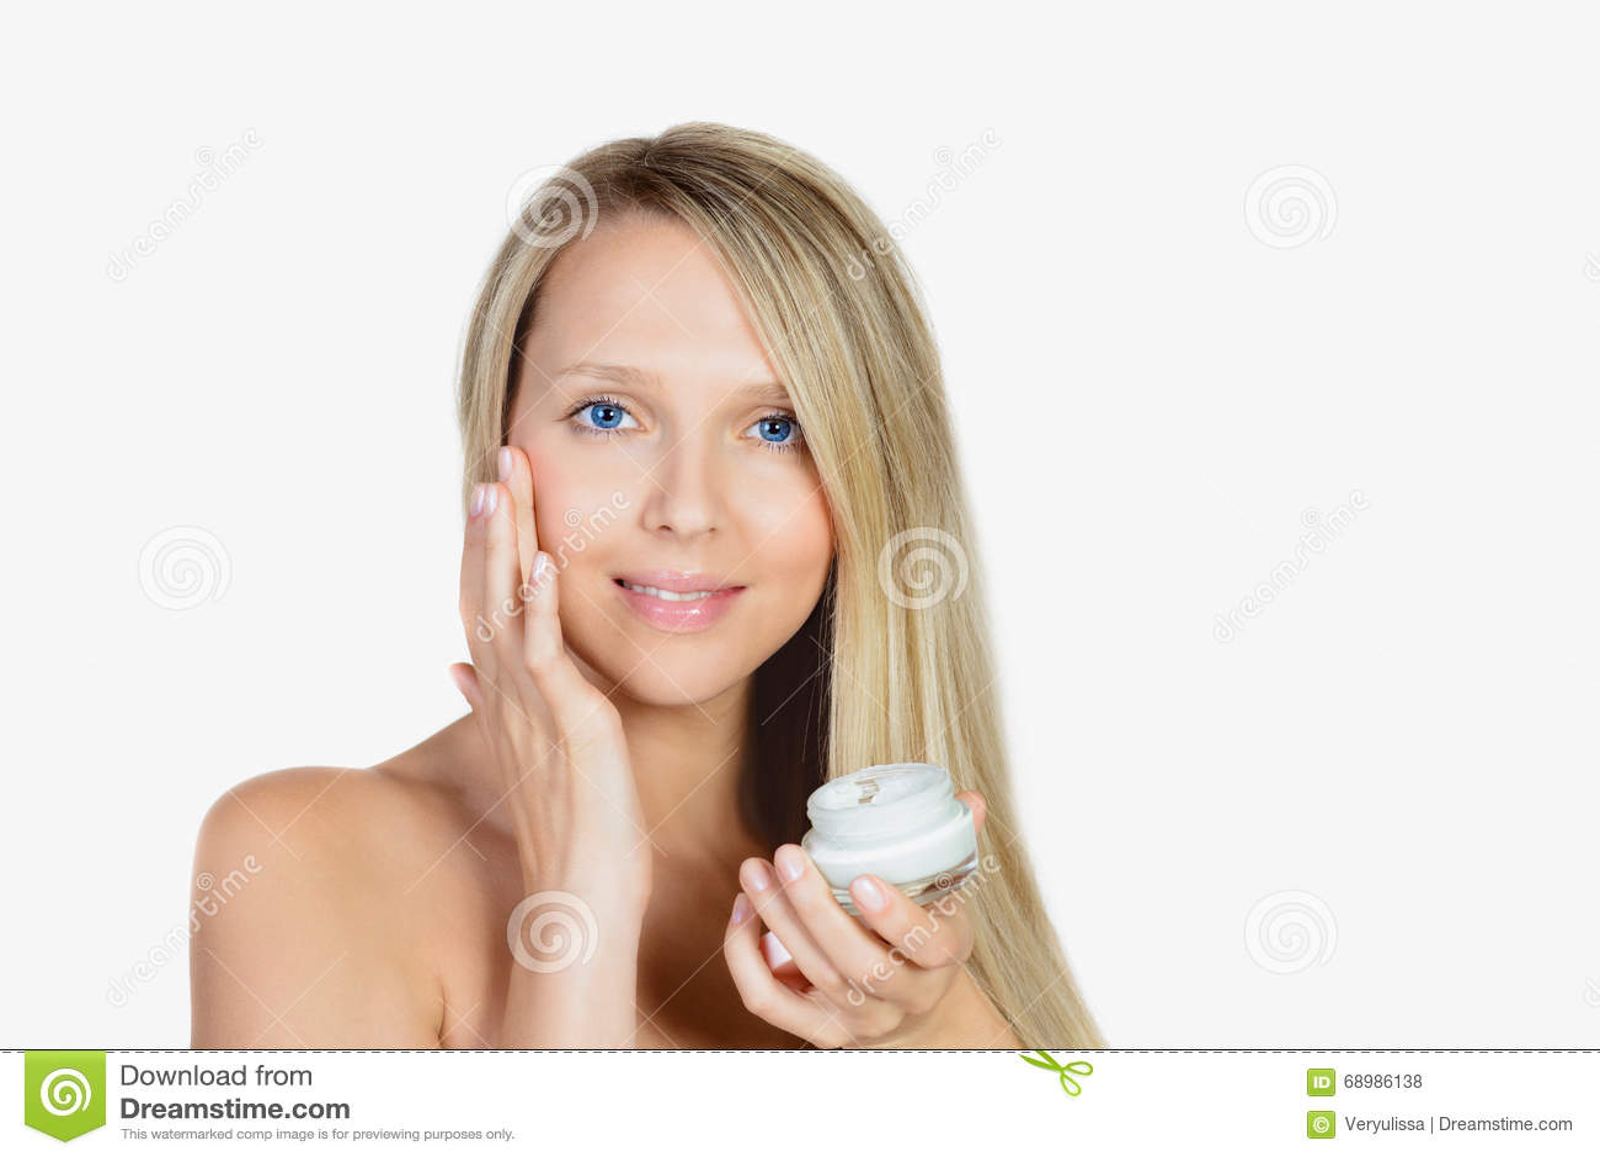 Retrato de la piel de la mujer rubia hermosa o de la creatina conmovedora de la aplicación